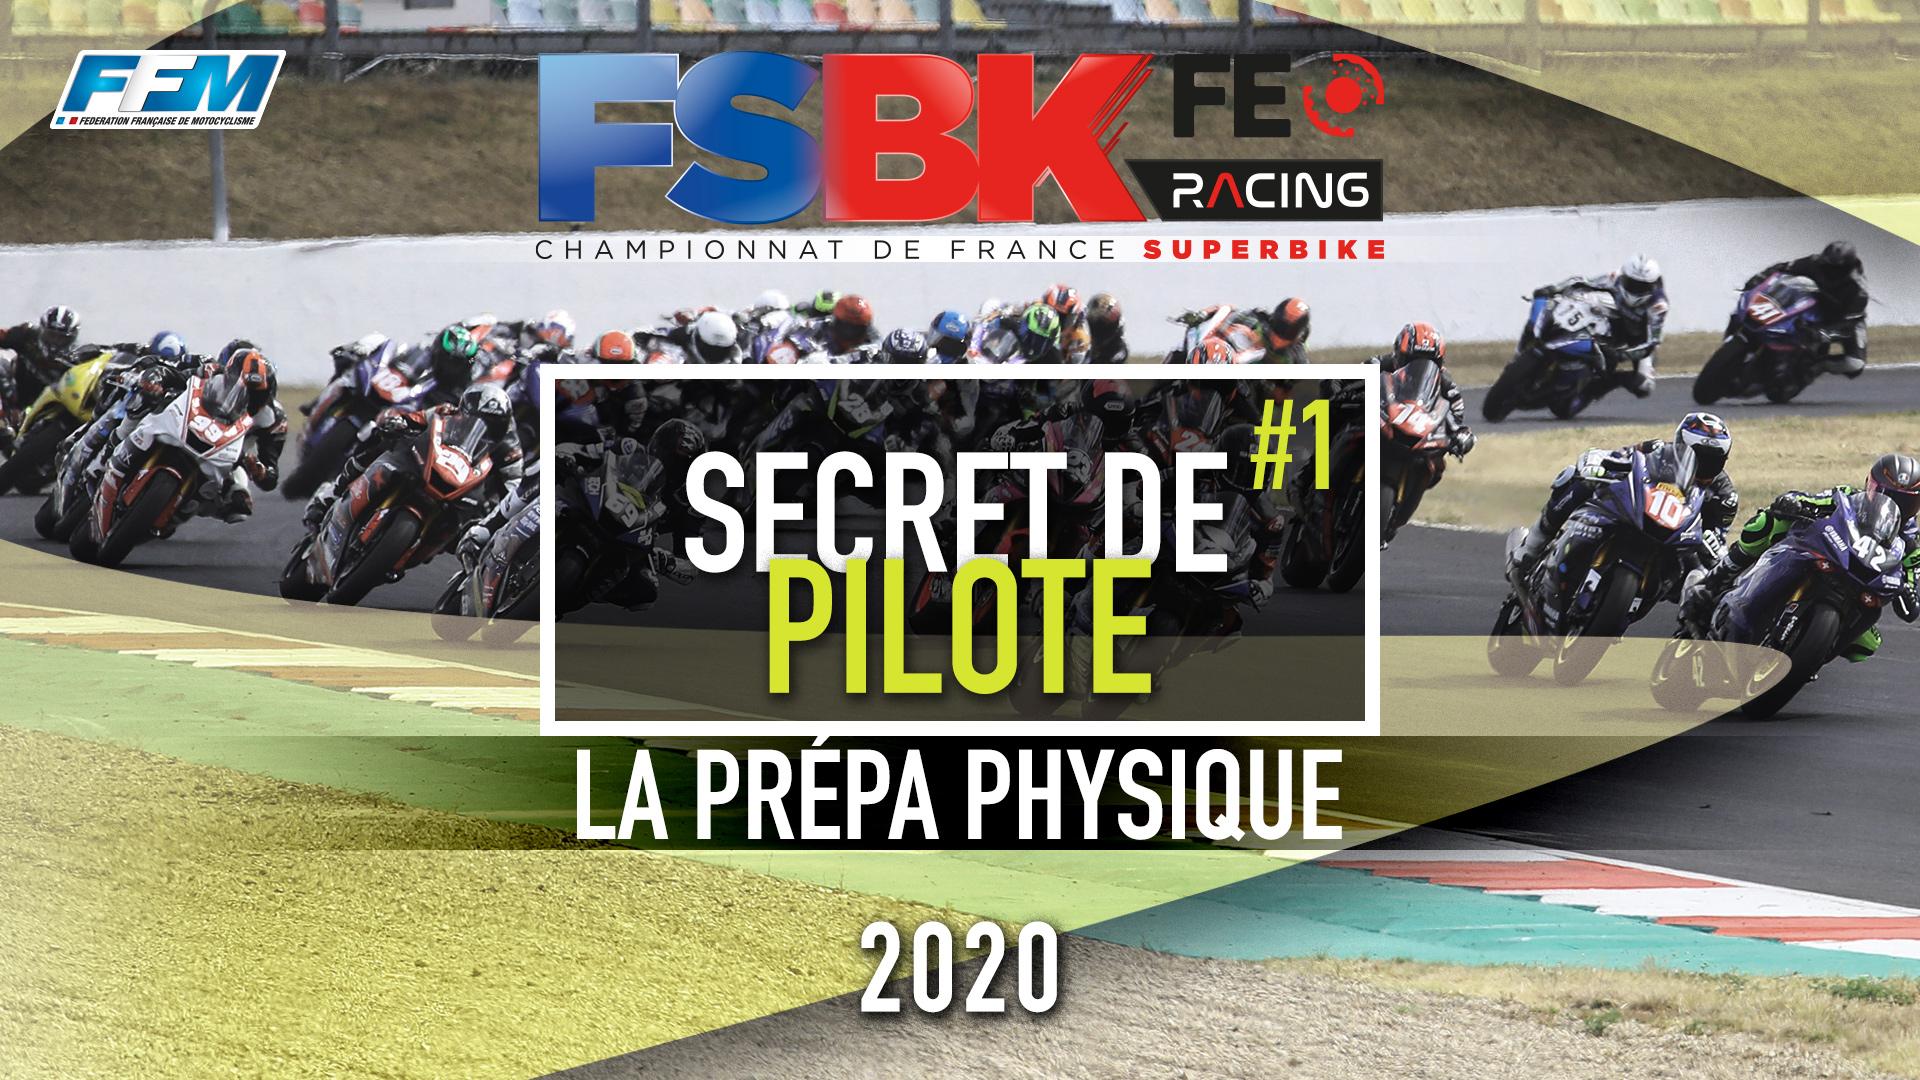 // SECRET DE PILOTE – LA PREPA PHYSIQUE //